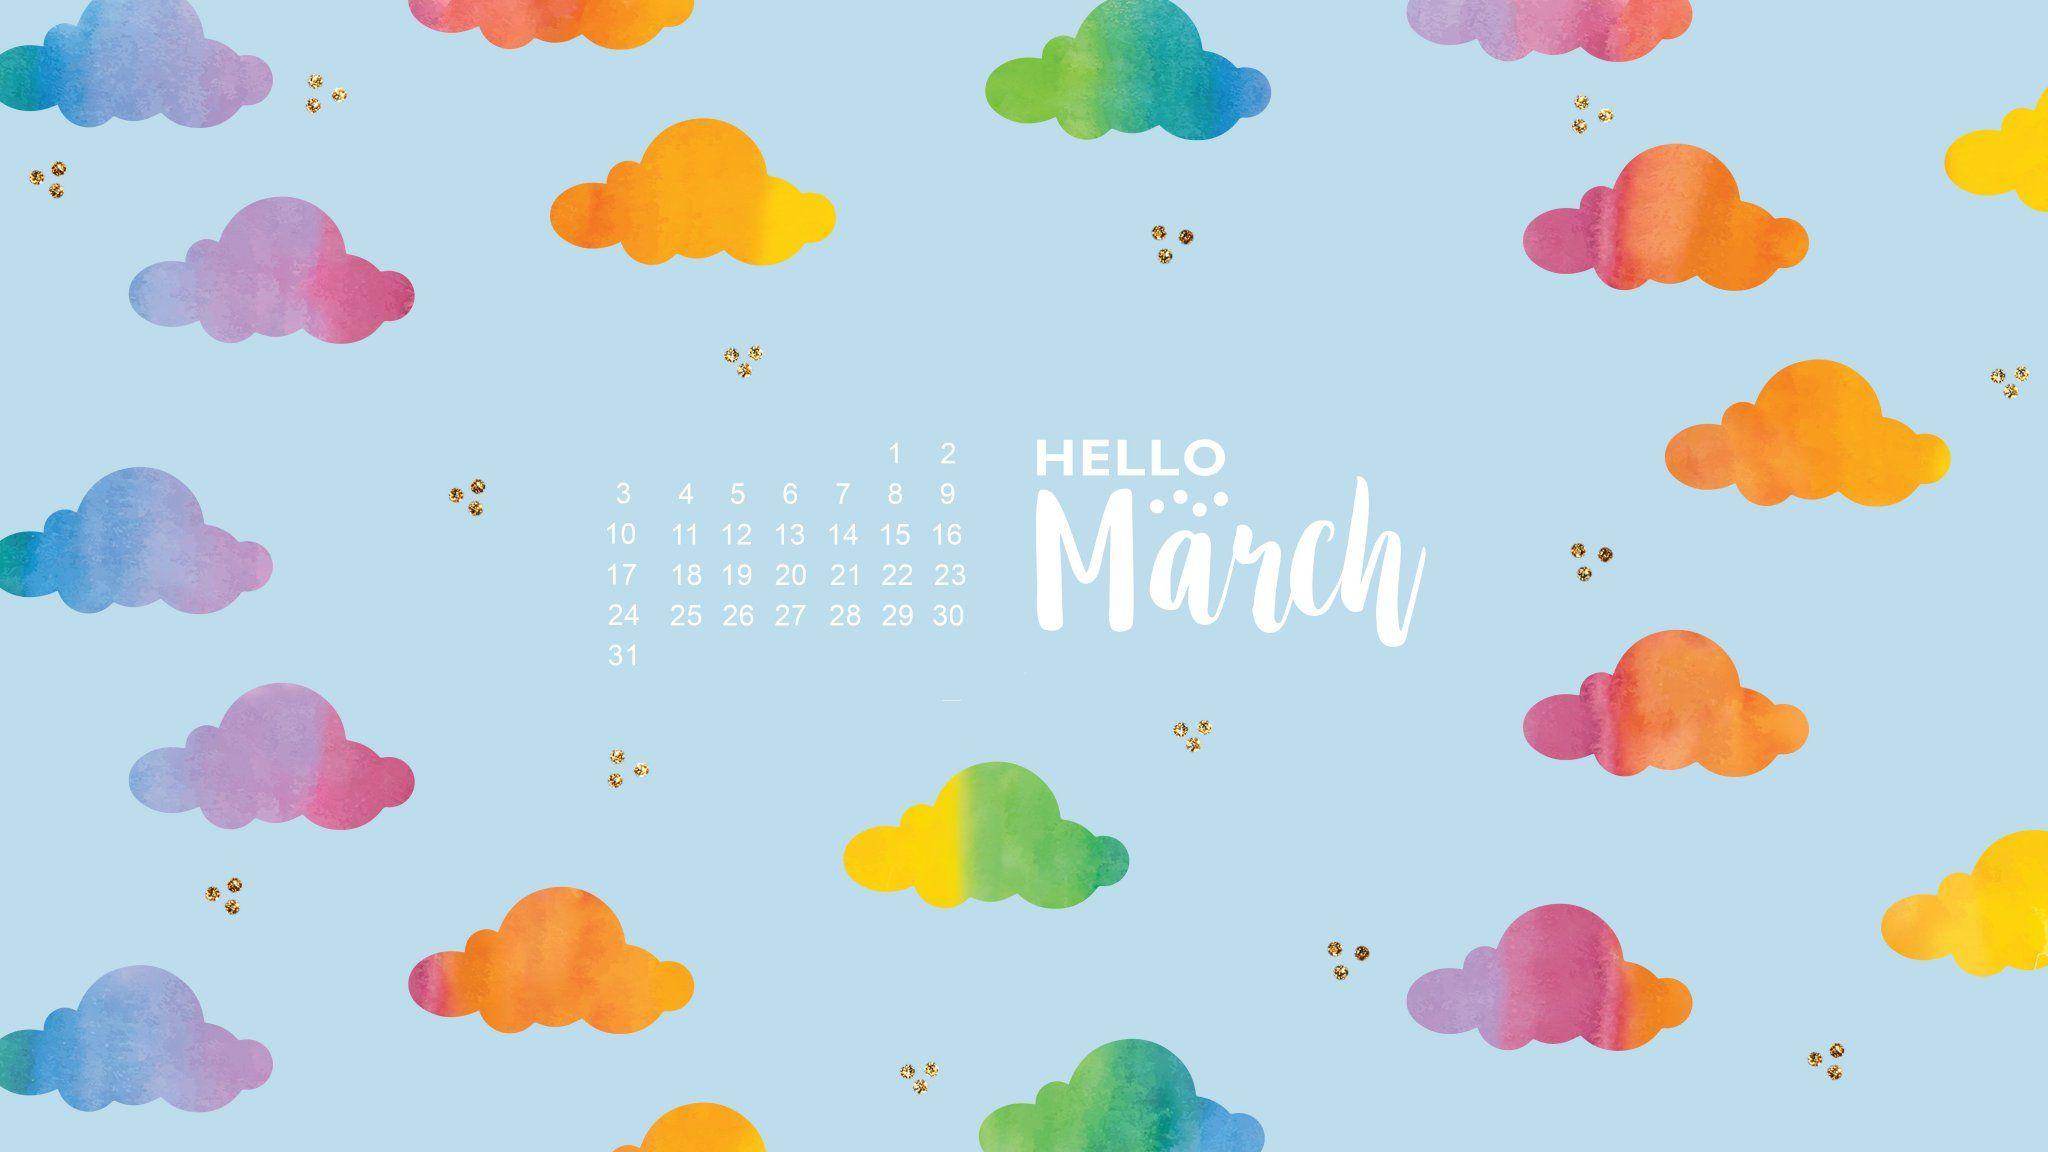 March 2019 Calendar Desktop Wallpapers 150 March 2019 Calendar 2048x1152